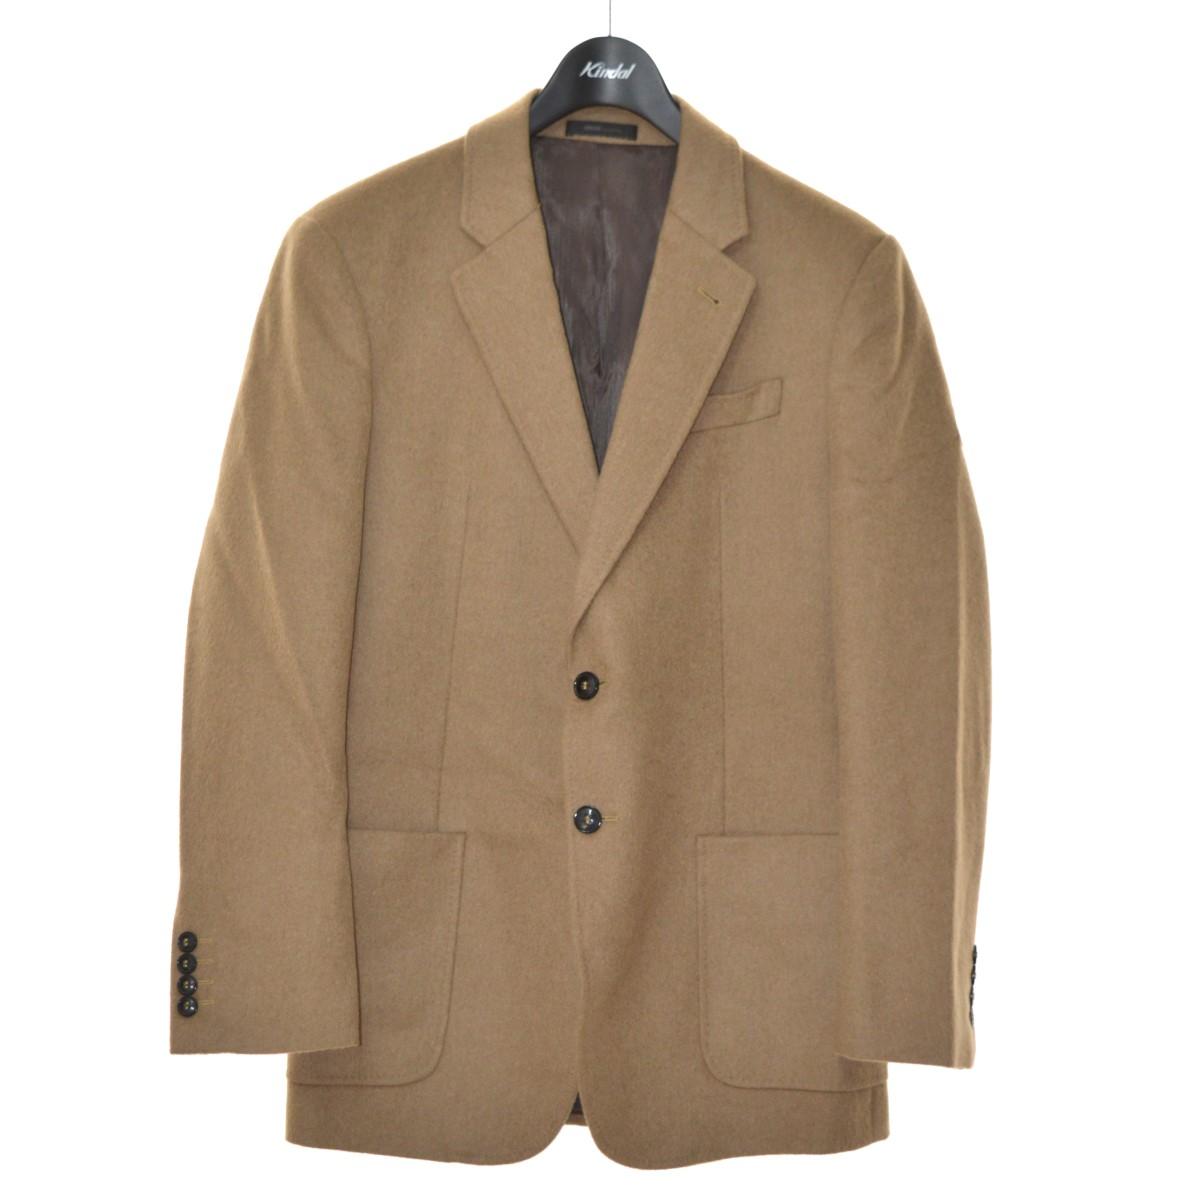 【中古】ARMANI COLLEZIONIキャメルジャケット ベージュ サイズ:46 【3月15日見直し】